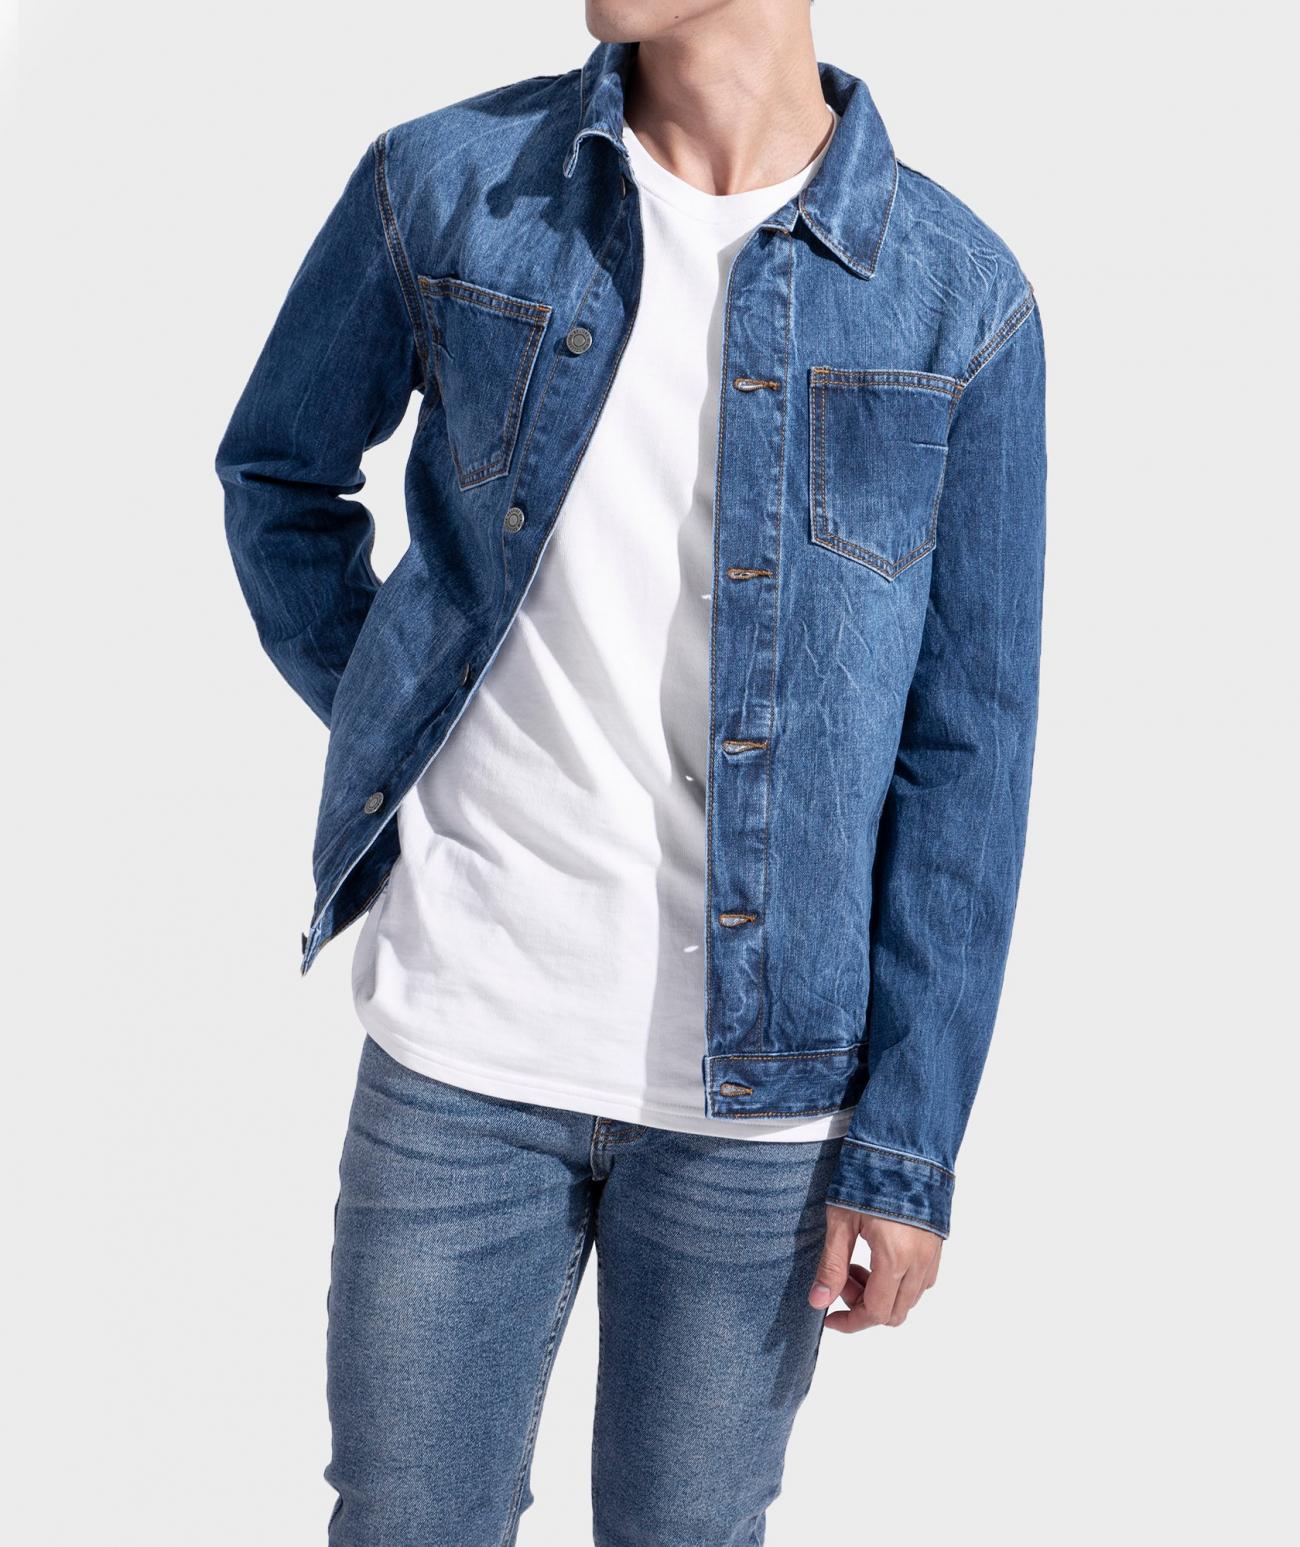 Top shop bán áo khoác cho nam đẹp trên phố Đặng Văn Ngữ - Hà Nội